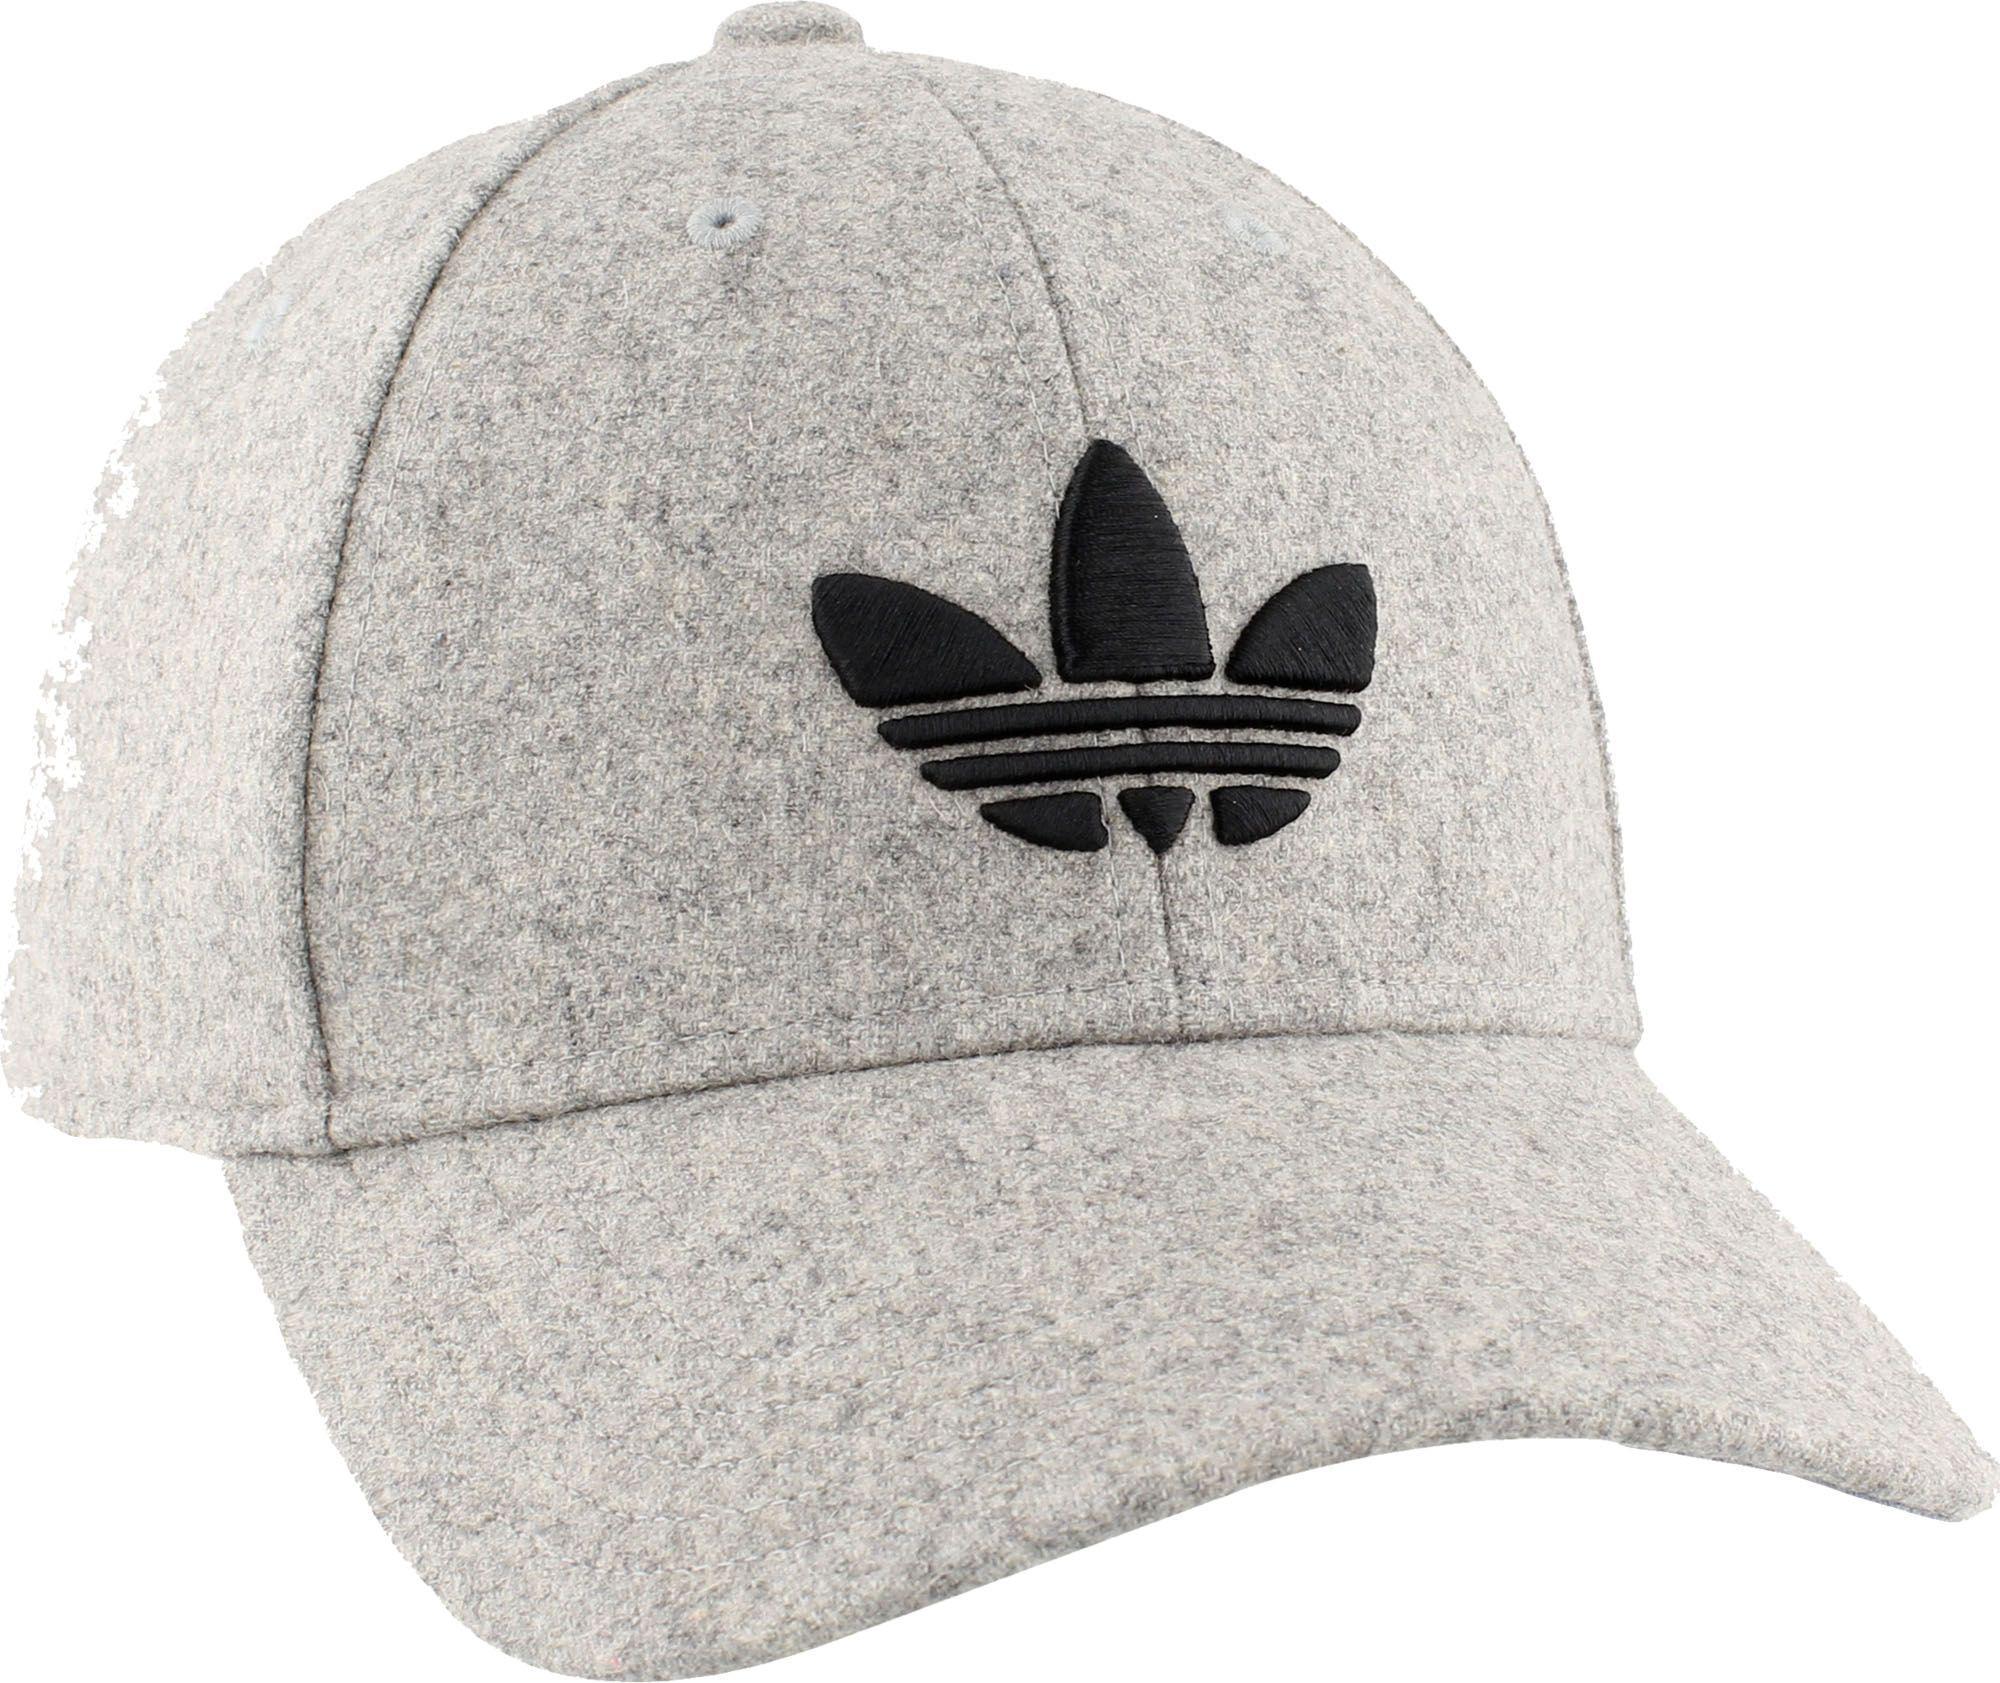 18ef67c6 ... usa lyst adidas originals trefoil plus precurve hat in gray for men  1f4e2 0f65c